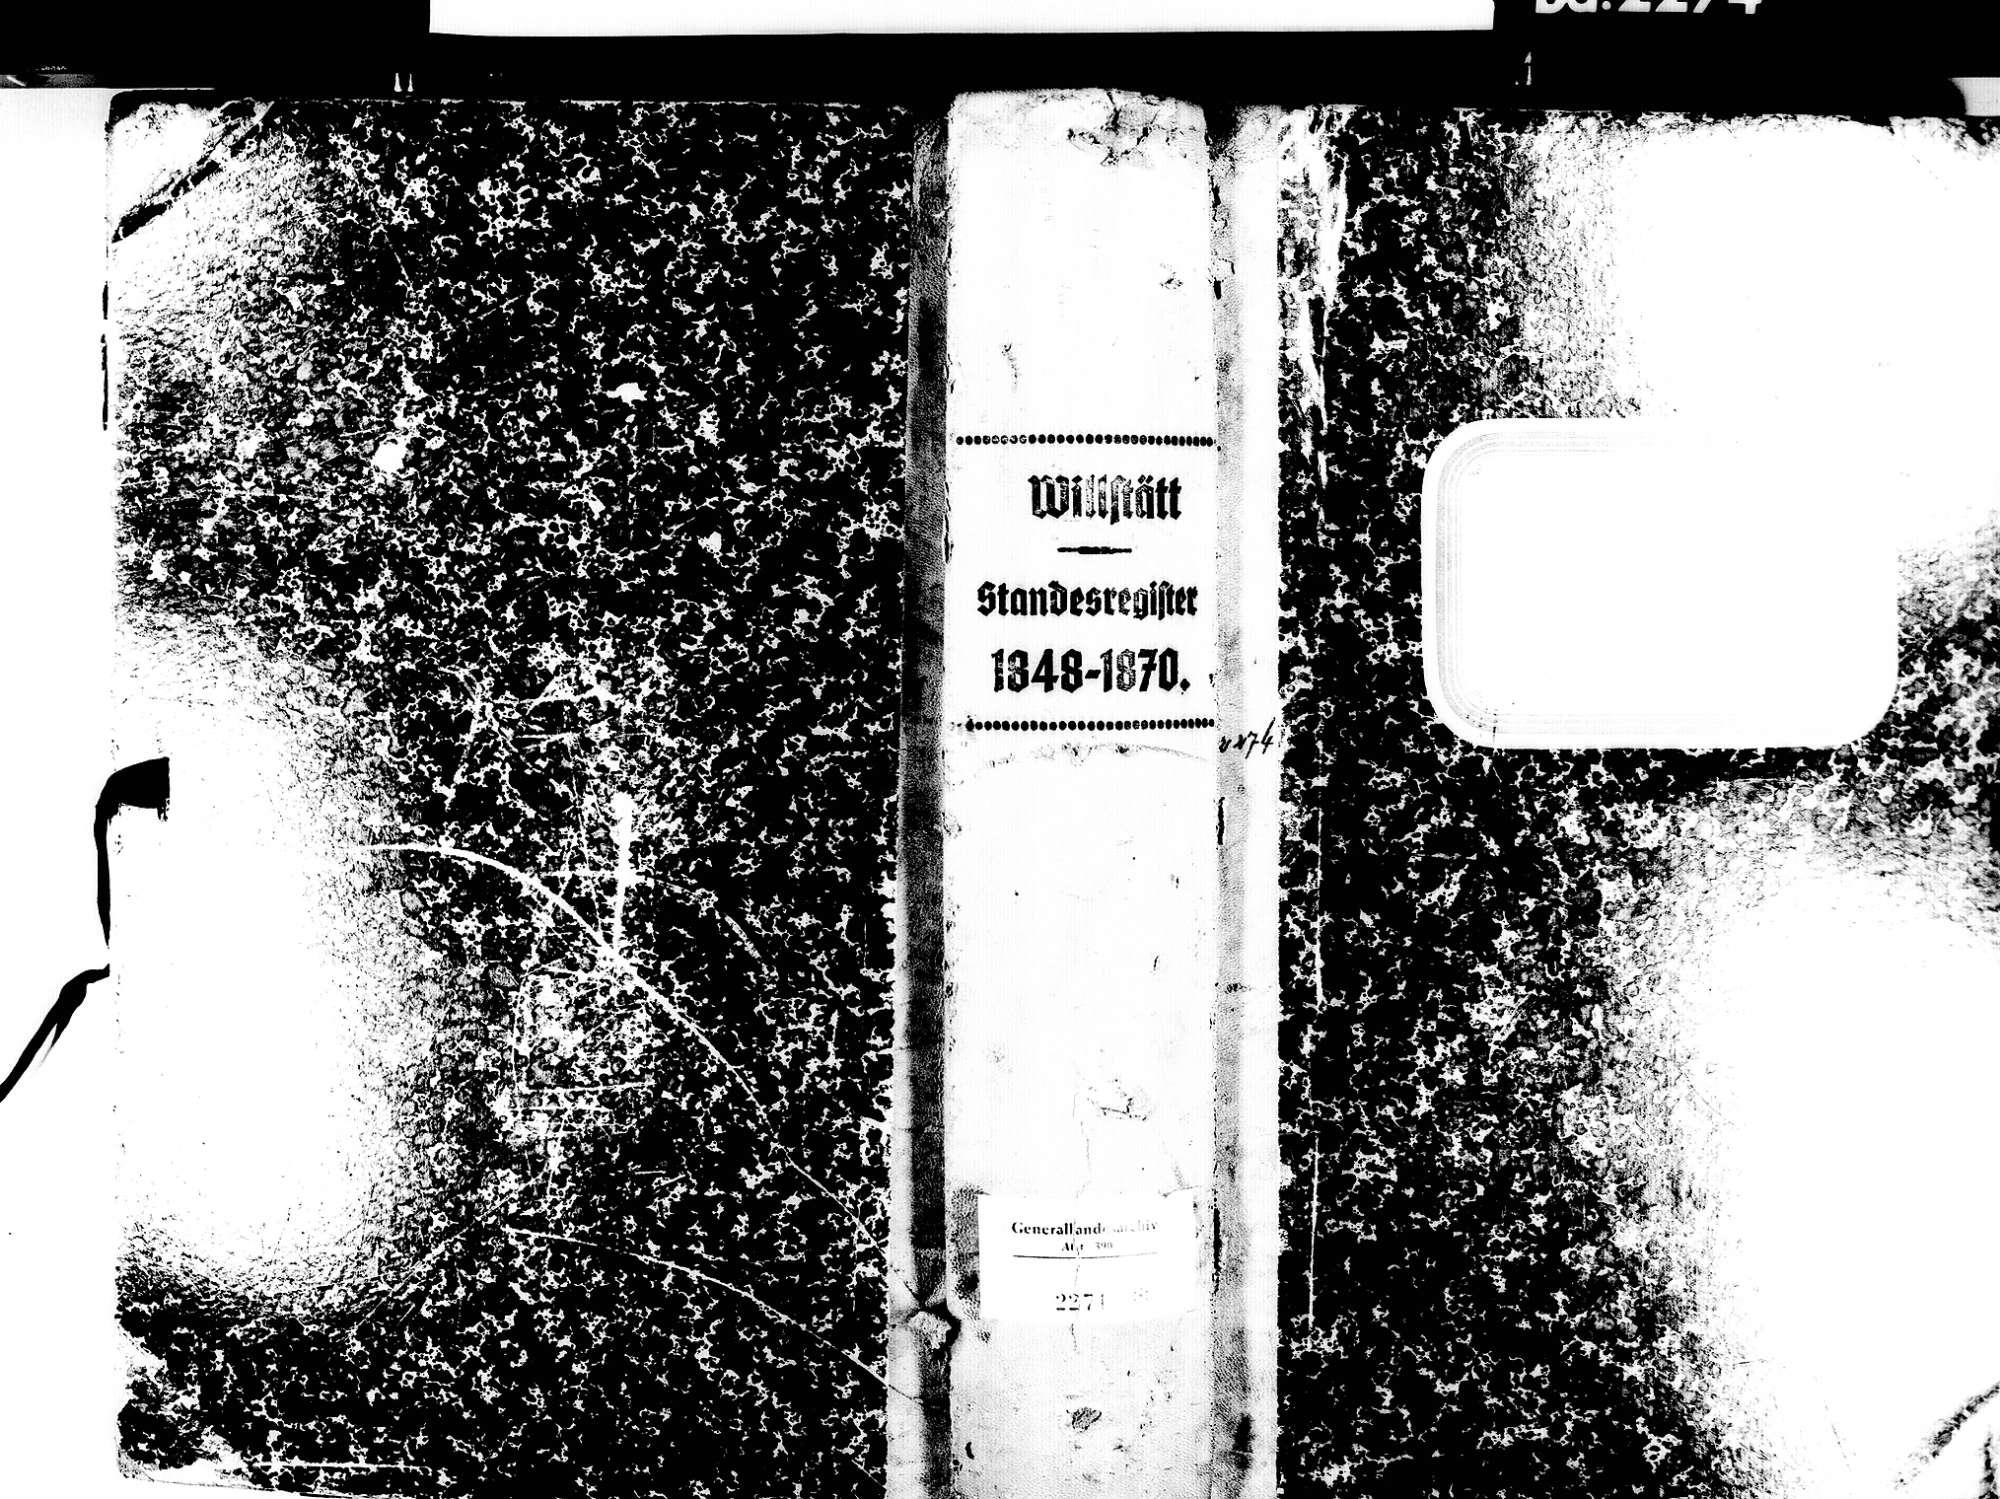 Willstätt OG; Evangelische Gemeinde: Standesbuch 1848-1870, Bild 1